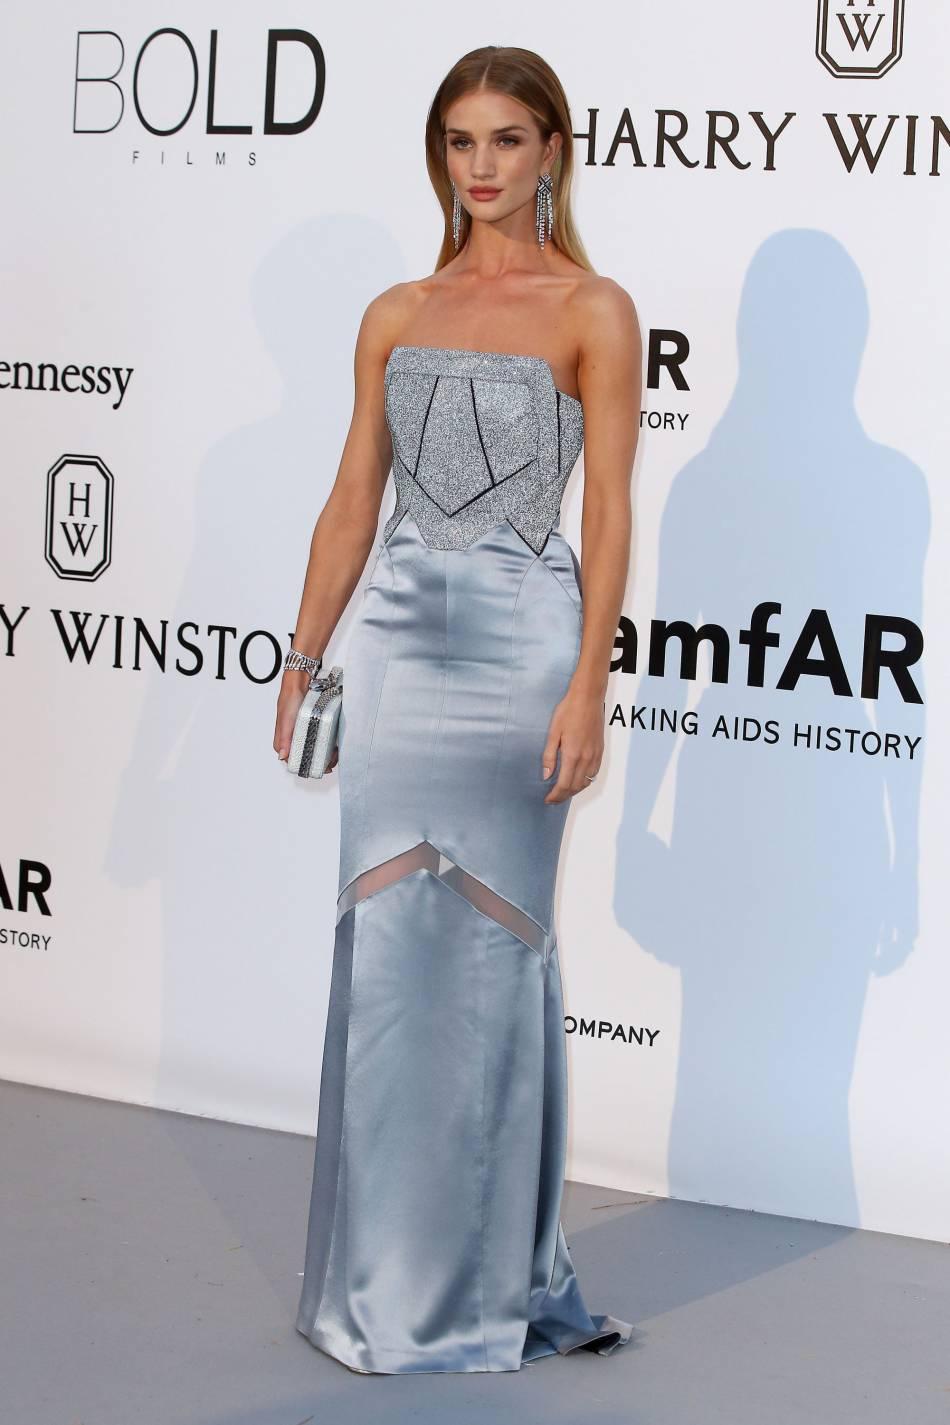 Rosie Huntington-Whiteley en Galvan London, pochette Bulgari et bijoux Chanel Joaillerieau gala de l'amfAR Cinema against AIDS le 19 mai 2016 à Cannes.